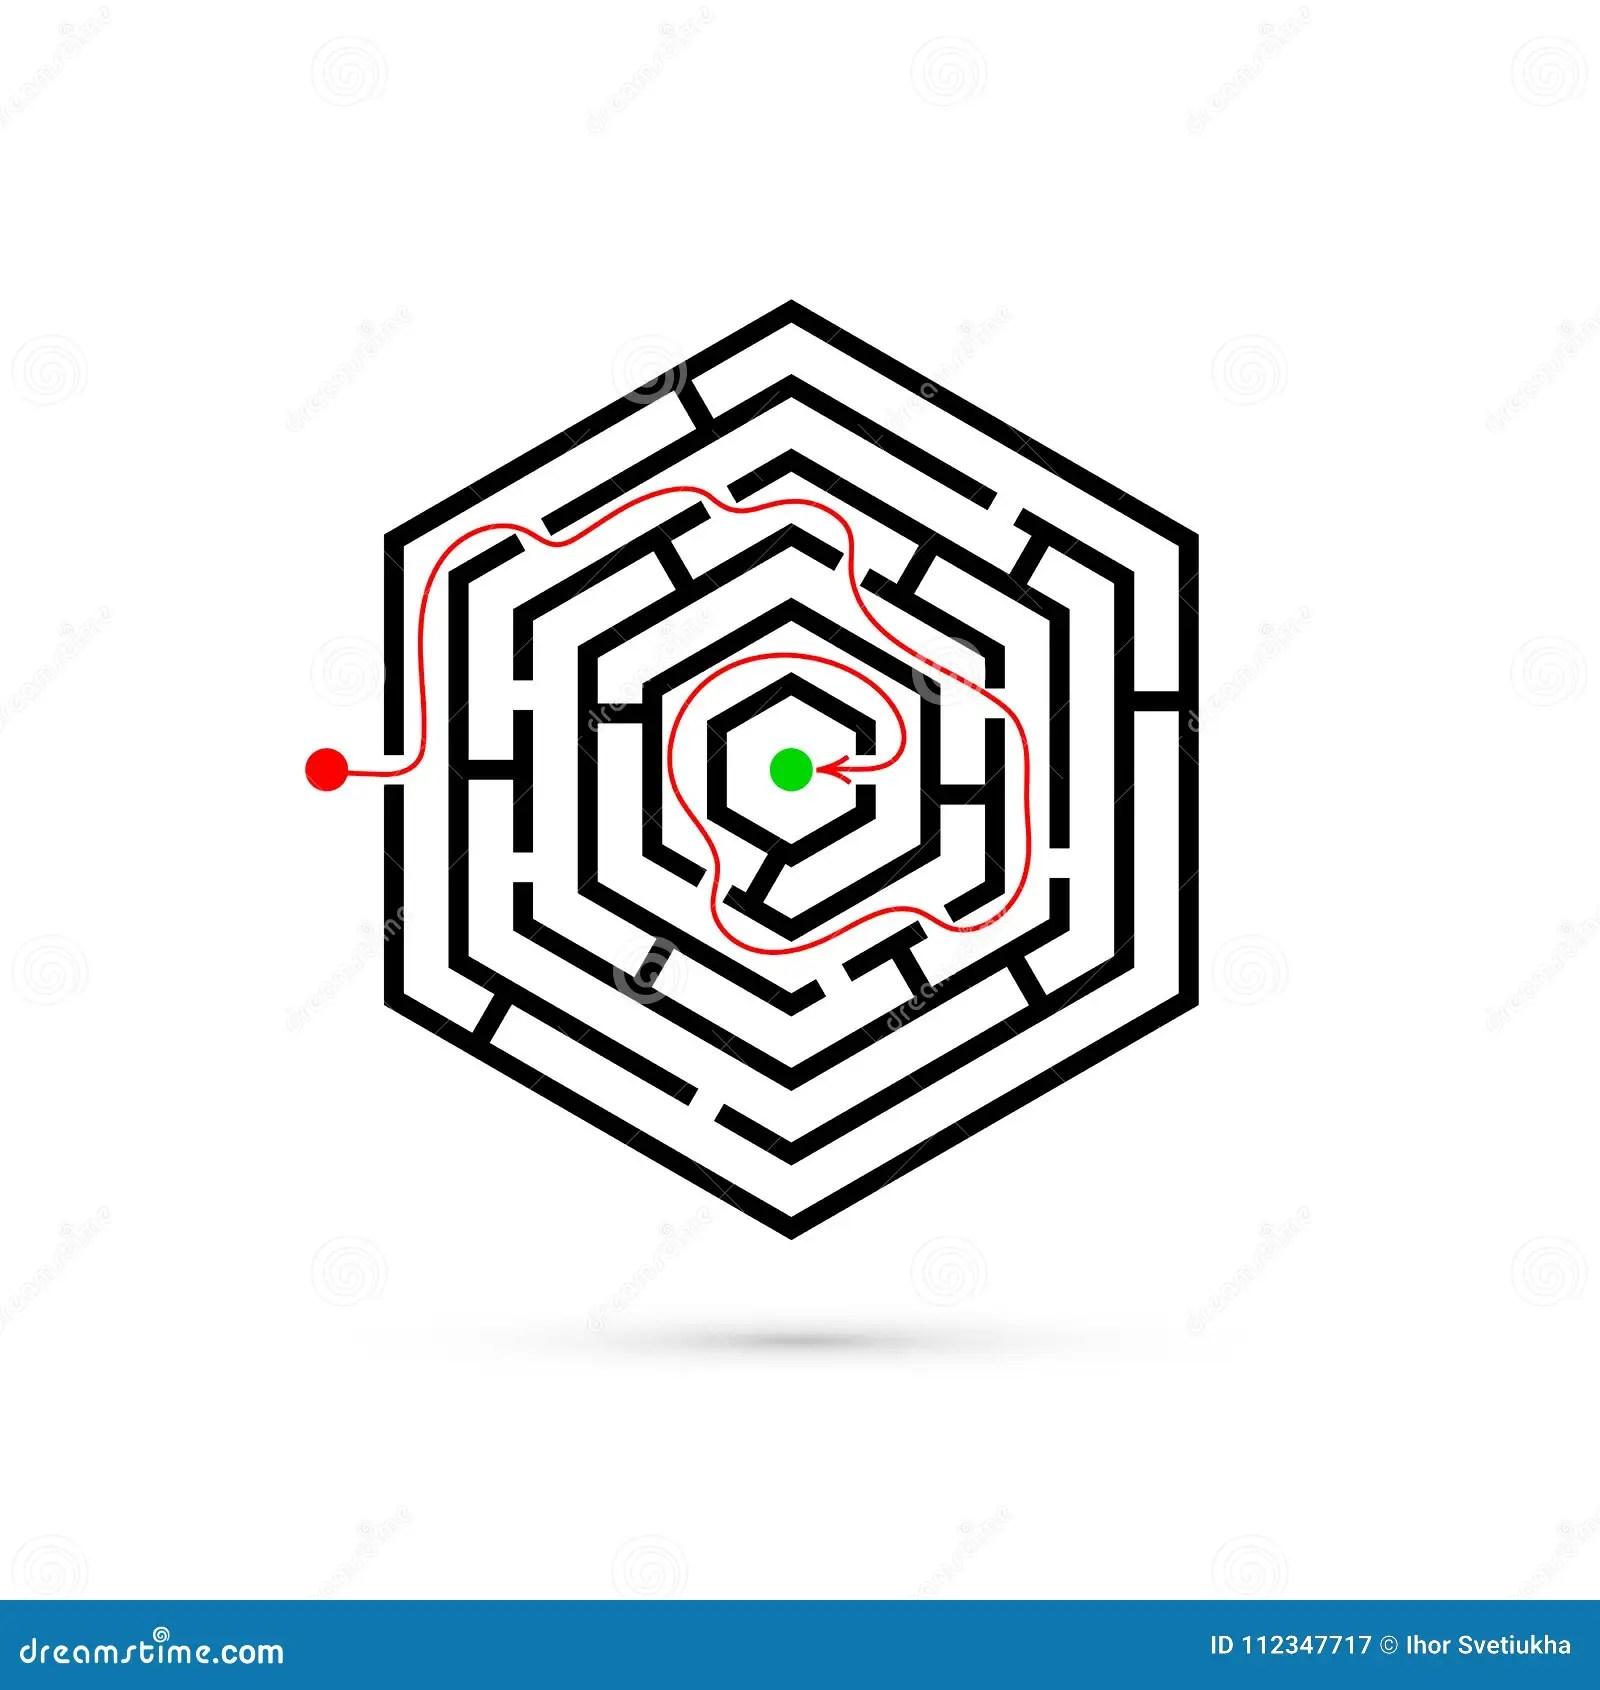 Hexagon Maze With Way To Center Stock Vector